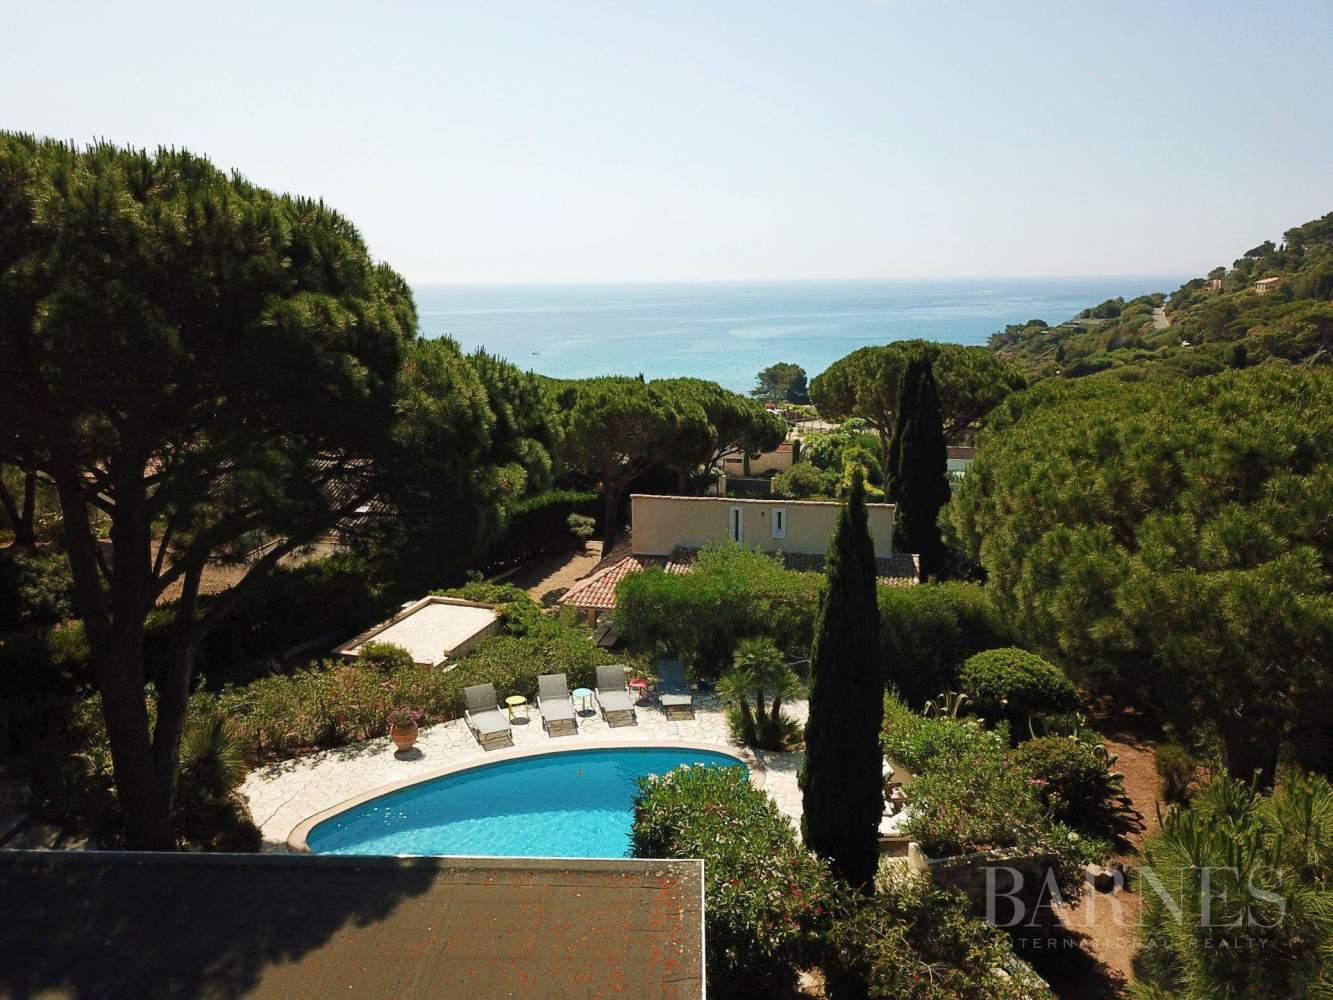 Gulf of Saint-Tropez- Ramatuelle - Quartier de l'Escalet, Nice sea view property picture 17